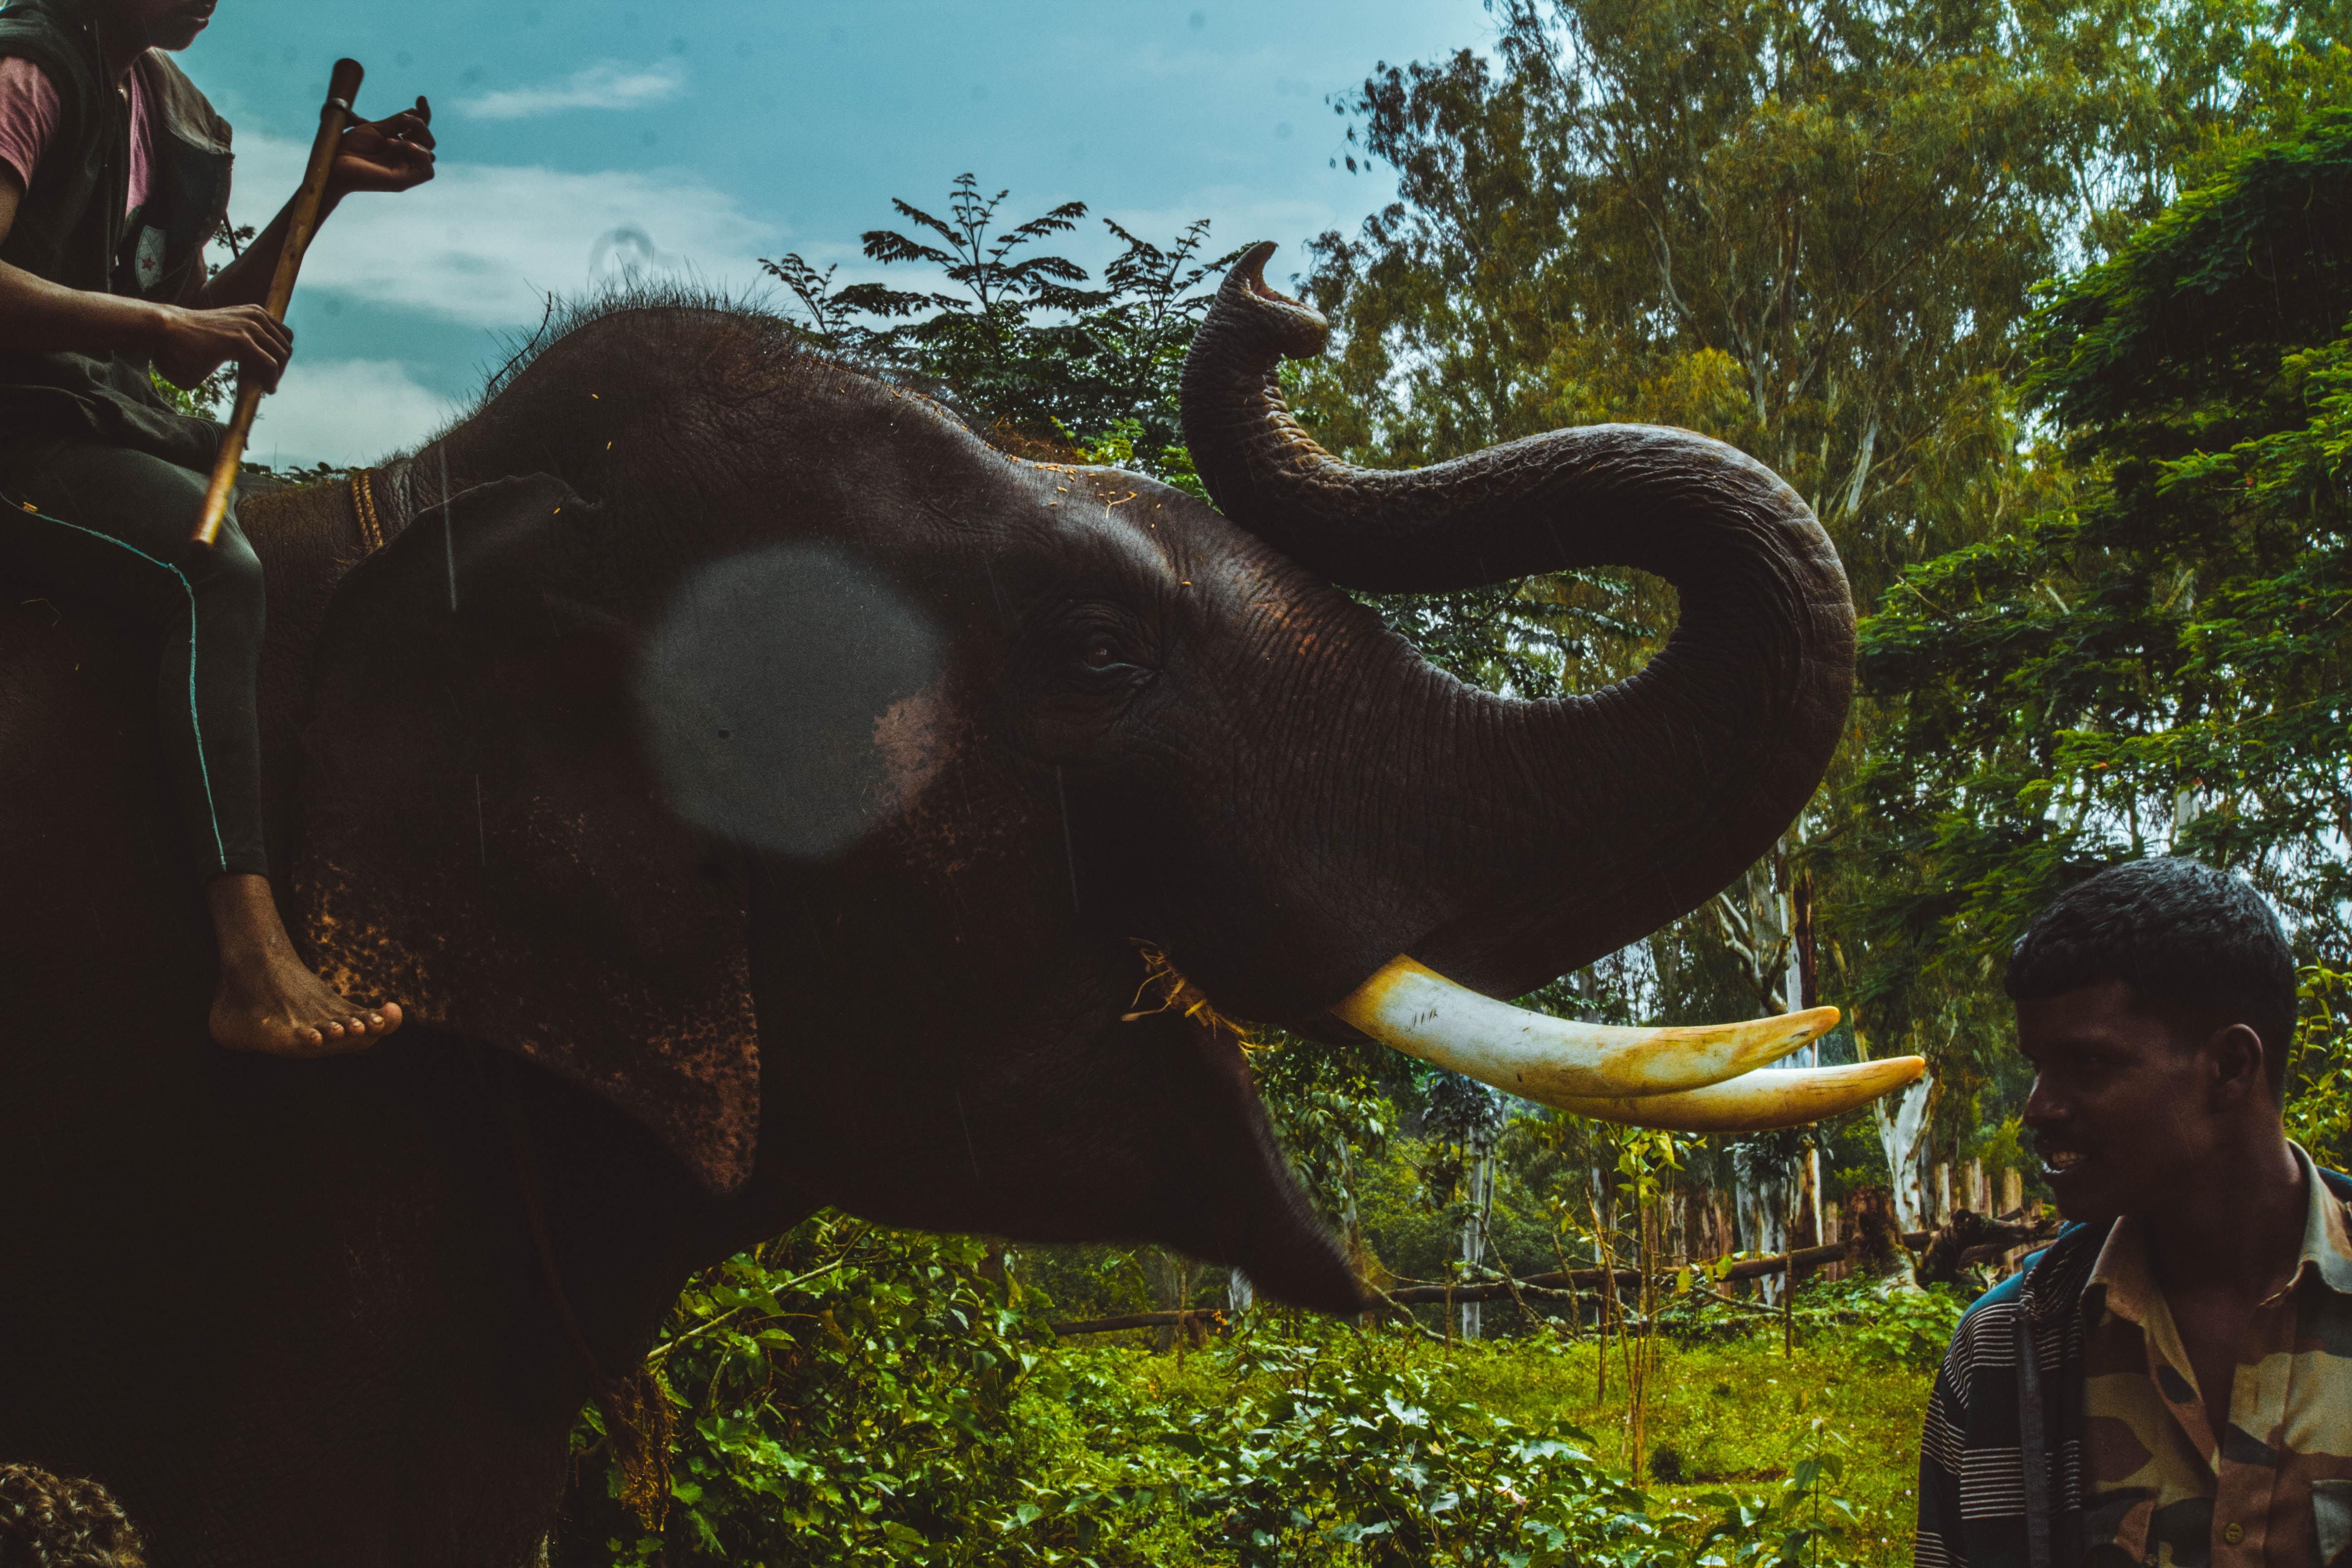 man wearing sport beside beside person riding elephant